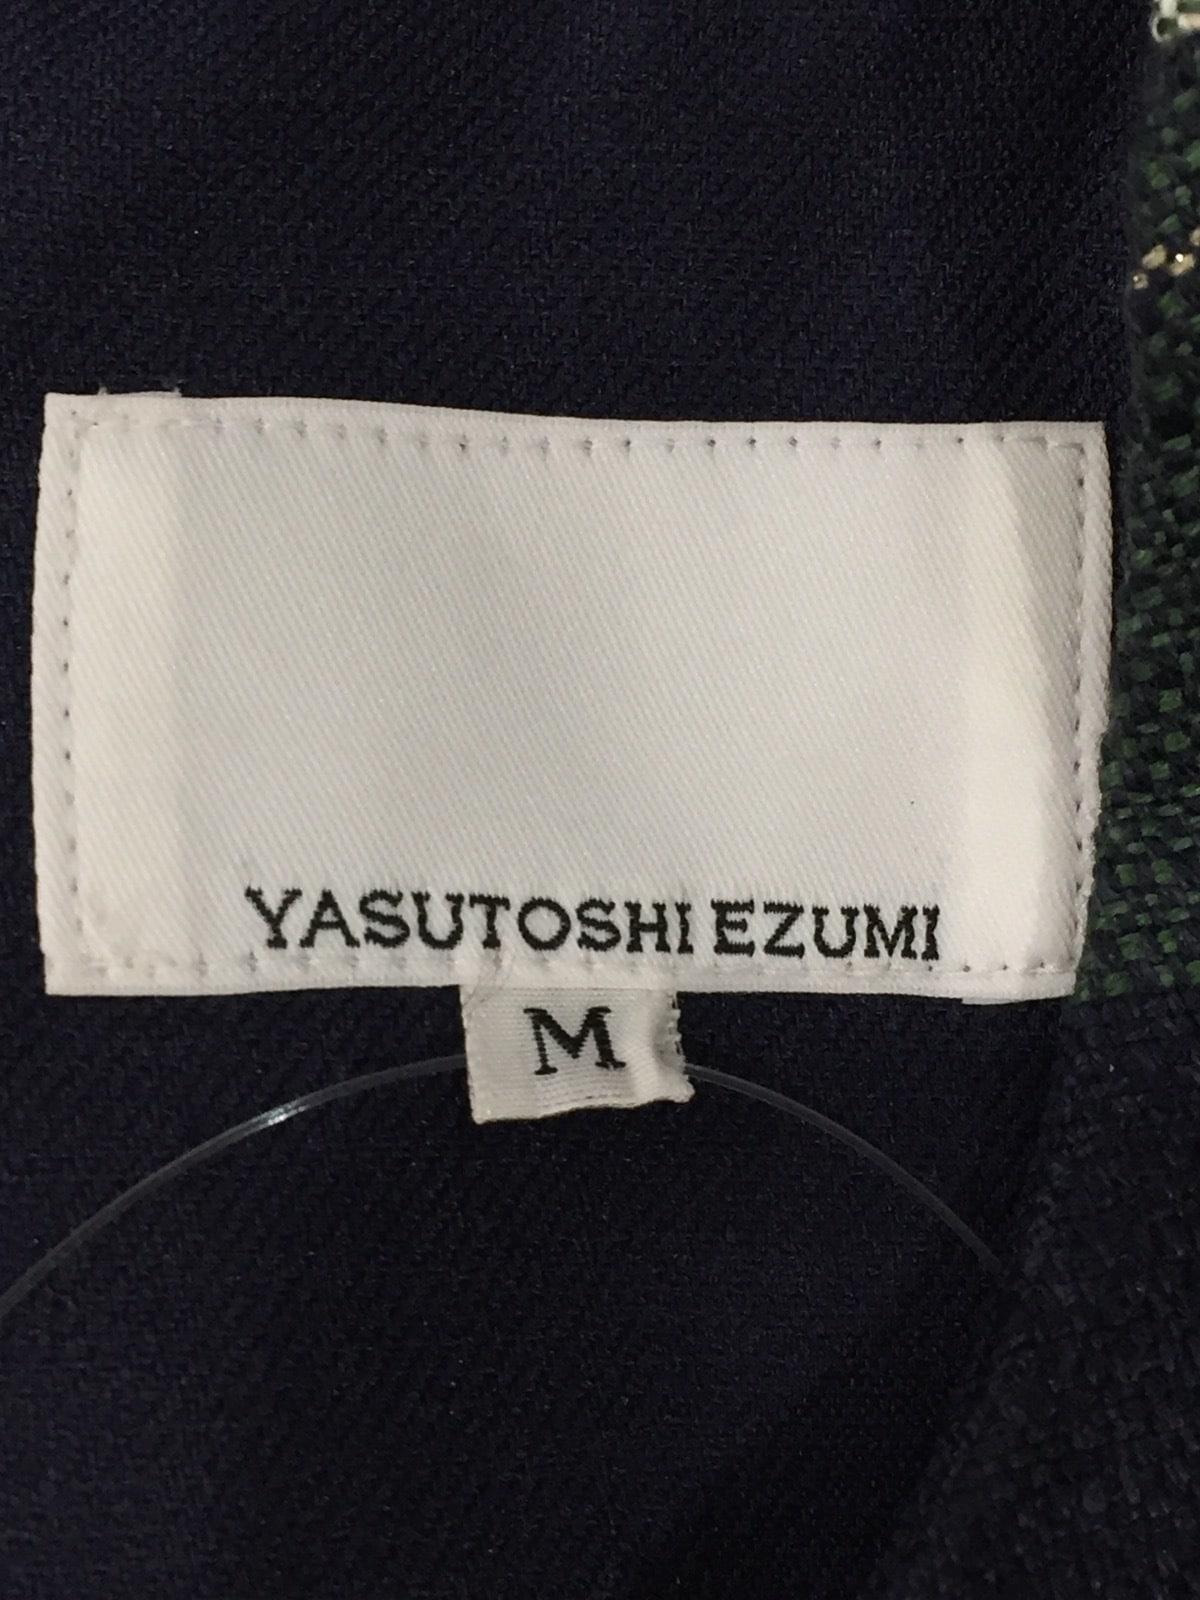 Yasutoshi Ezumi(ヤストシ エズミ)のカットソー